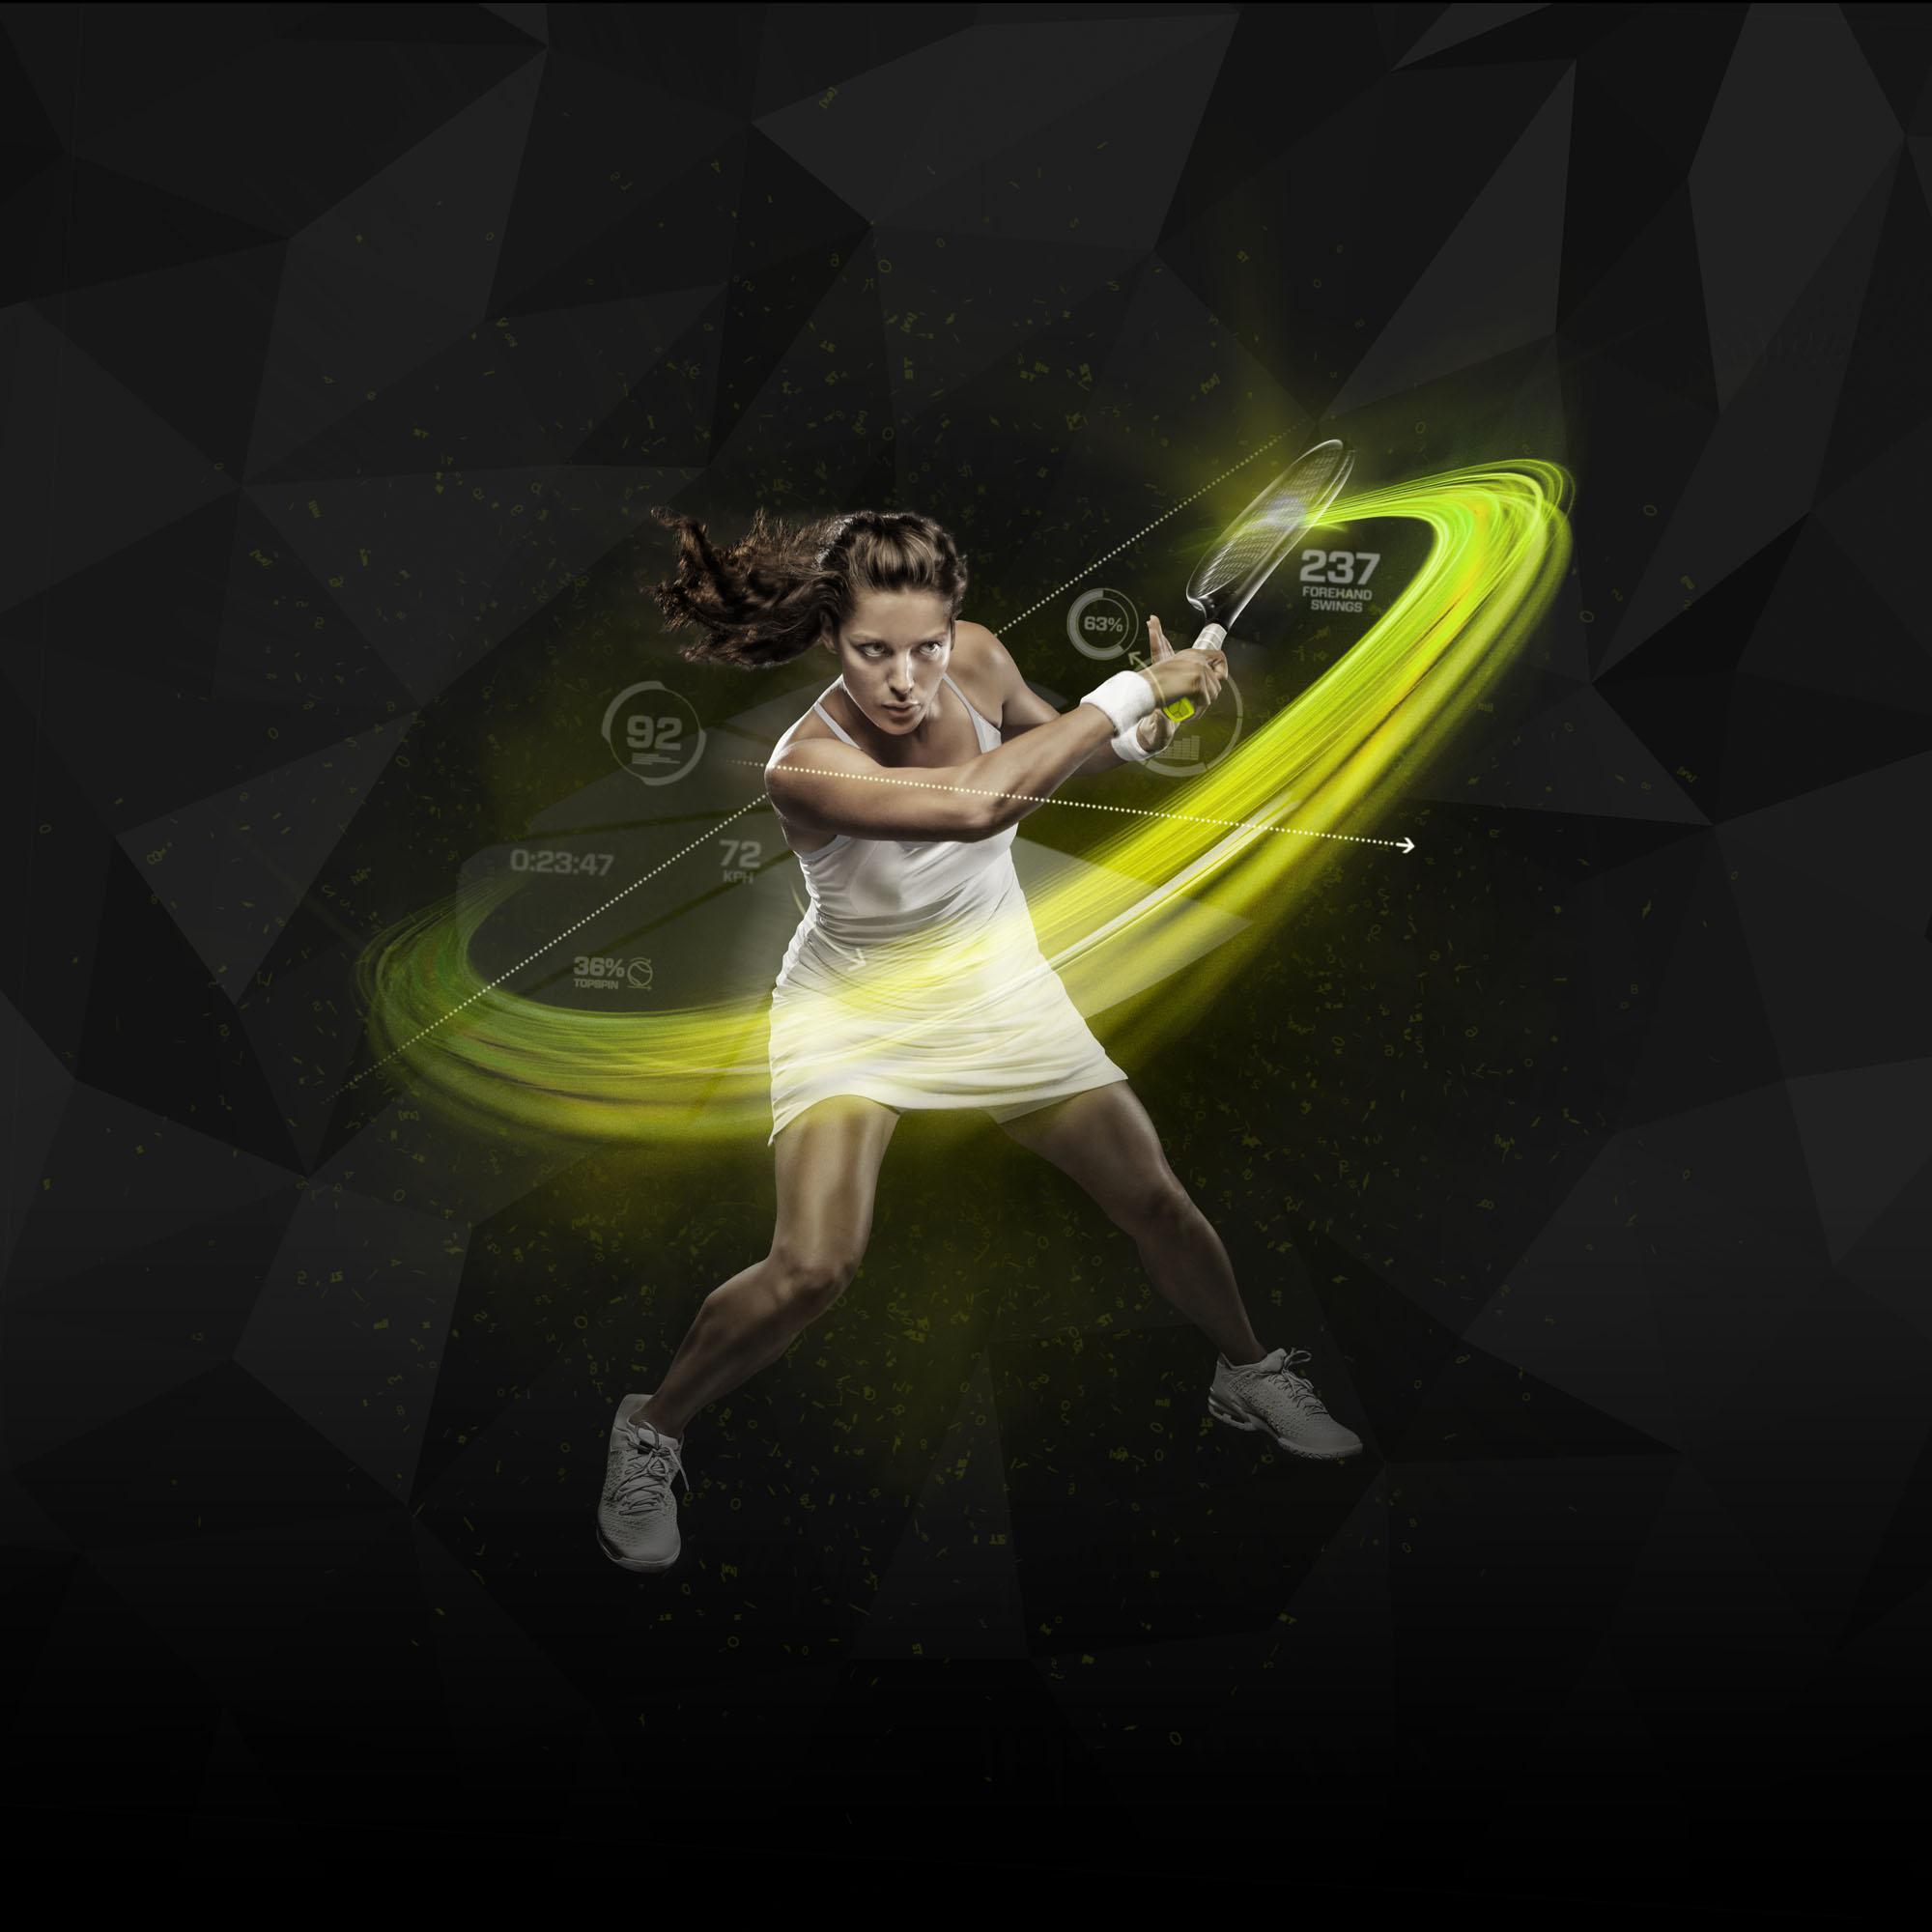 IMG_3550_Tennis_v6.jpg